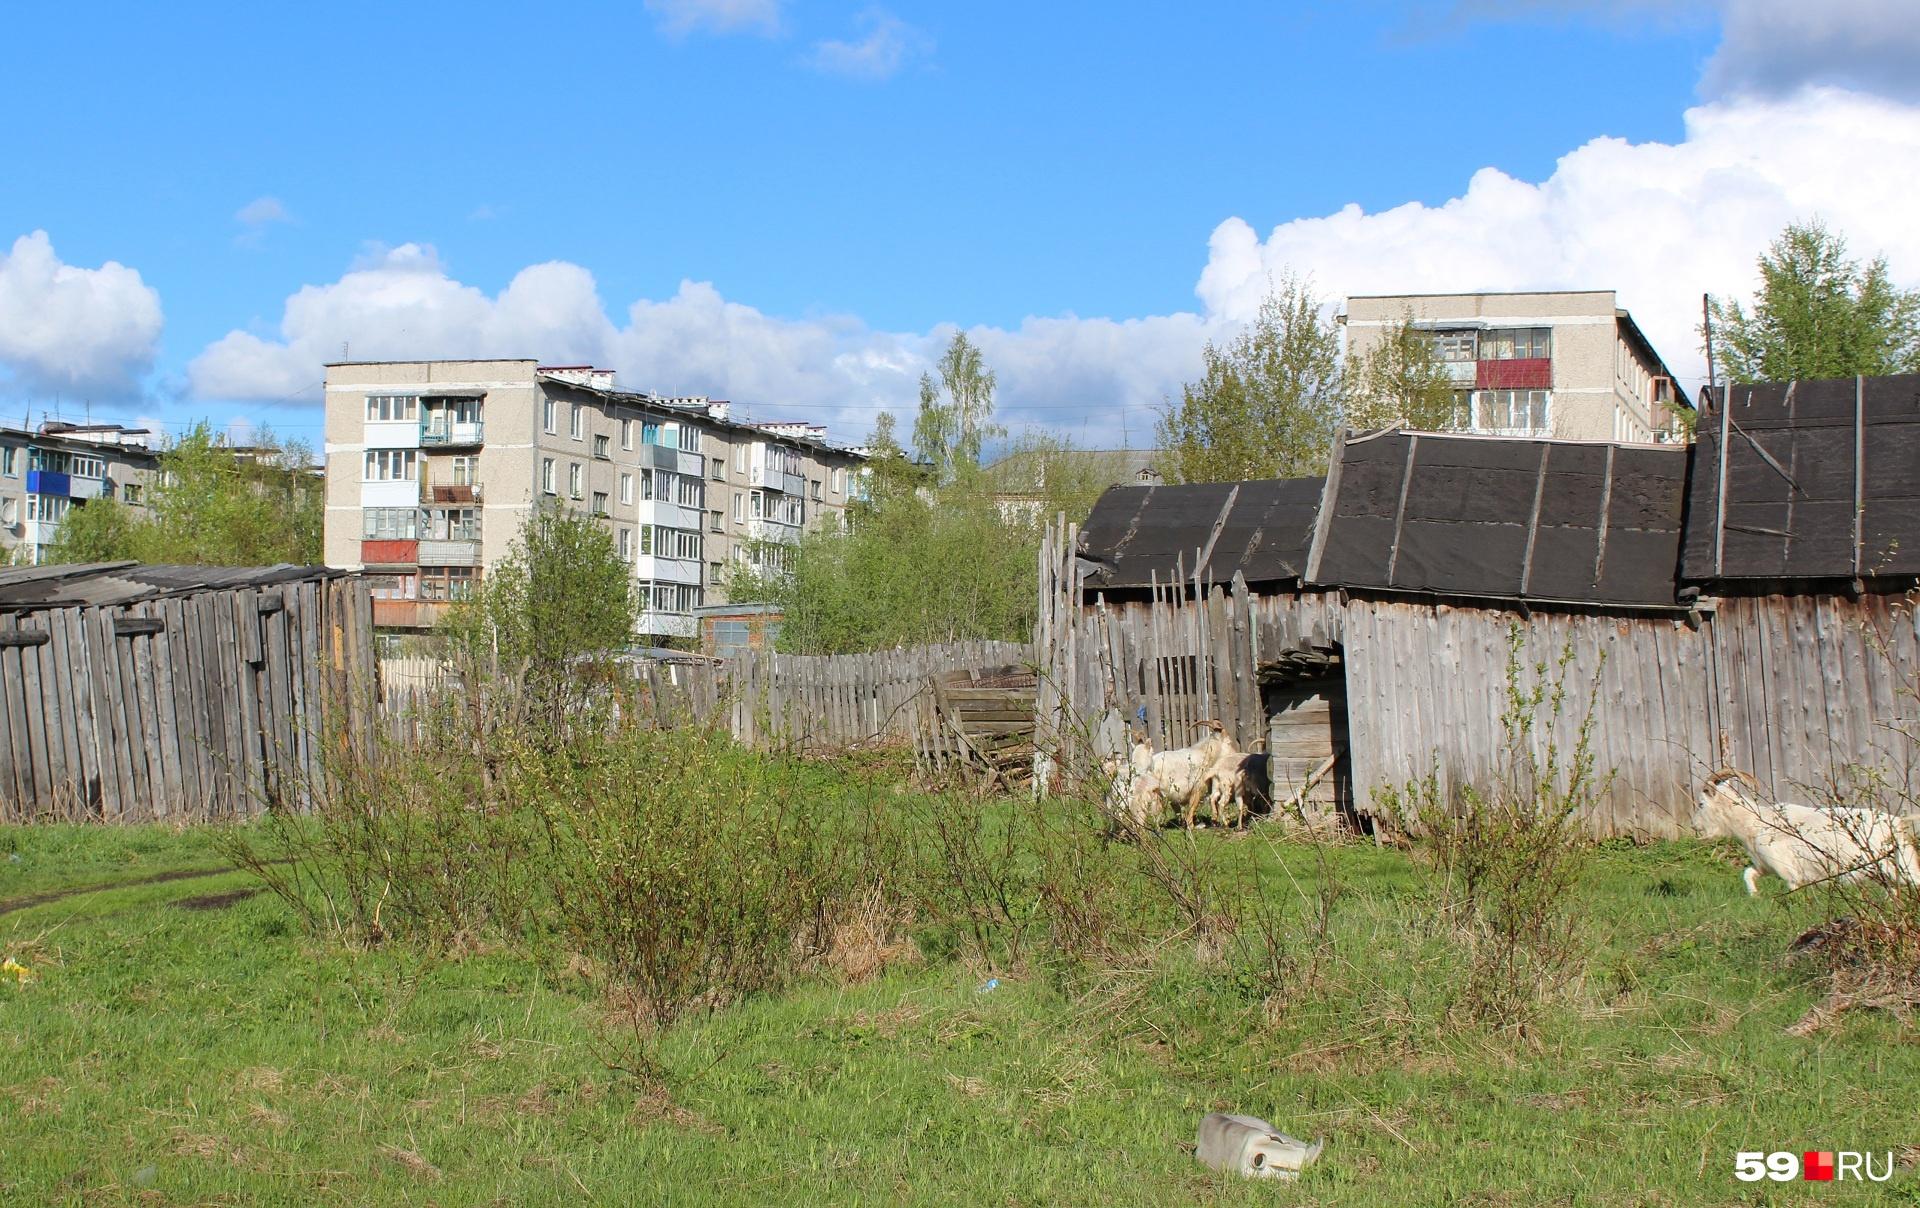 Вот сараи с овечками, а вот и полянка с бревном и ржавым остовом стиральной машины. Почти без мусора